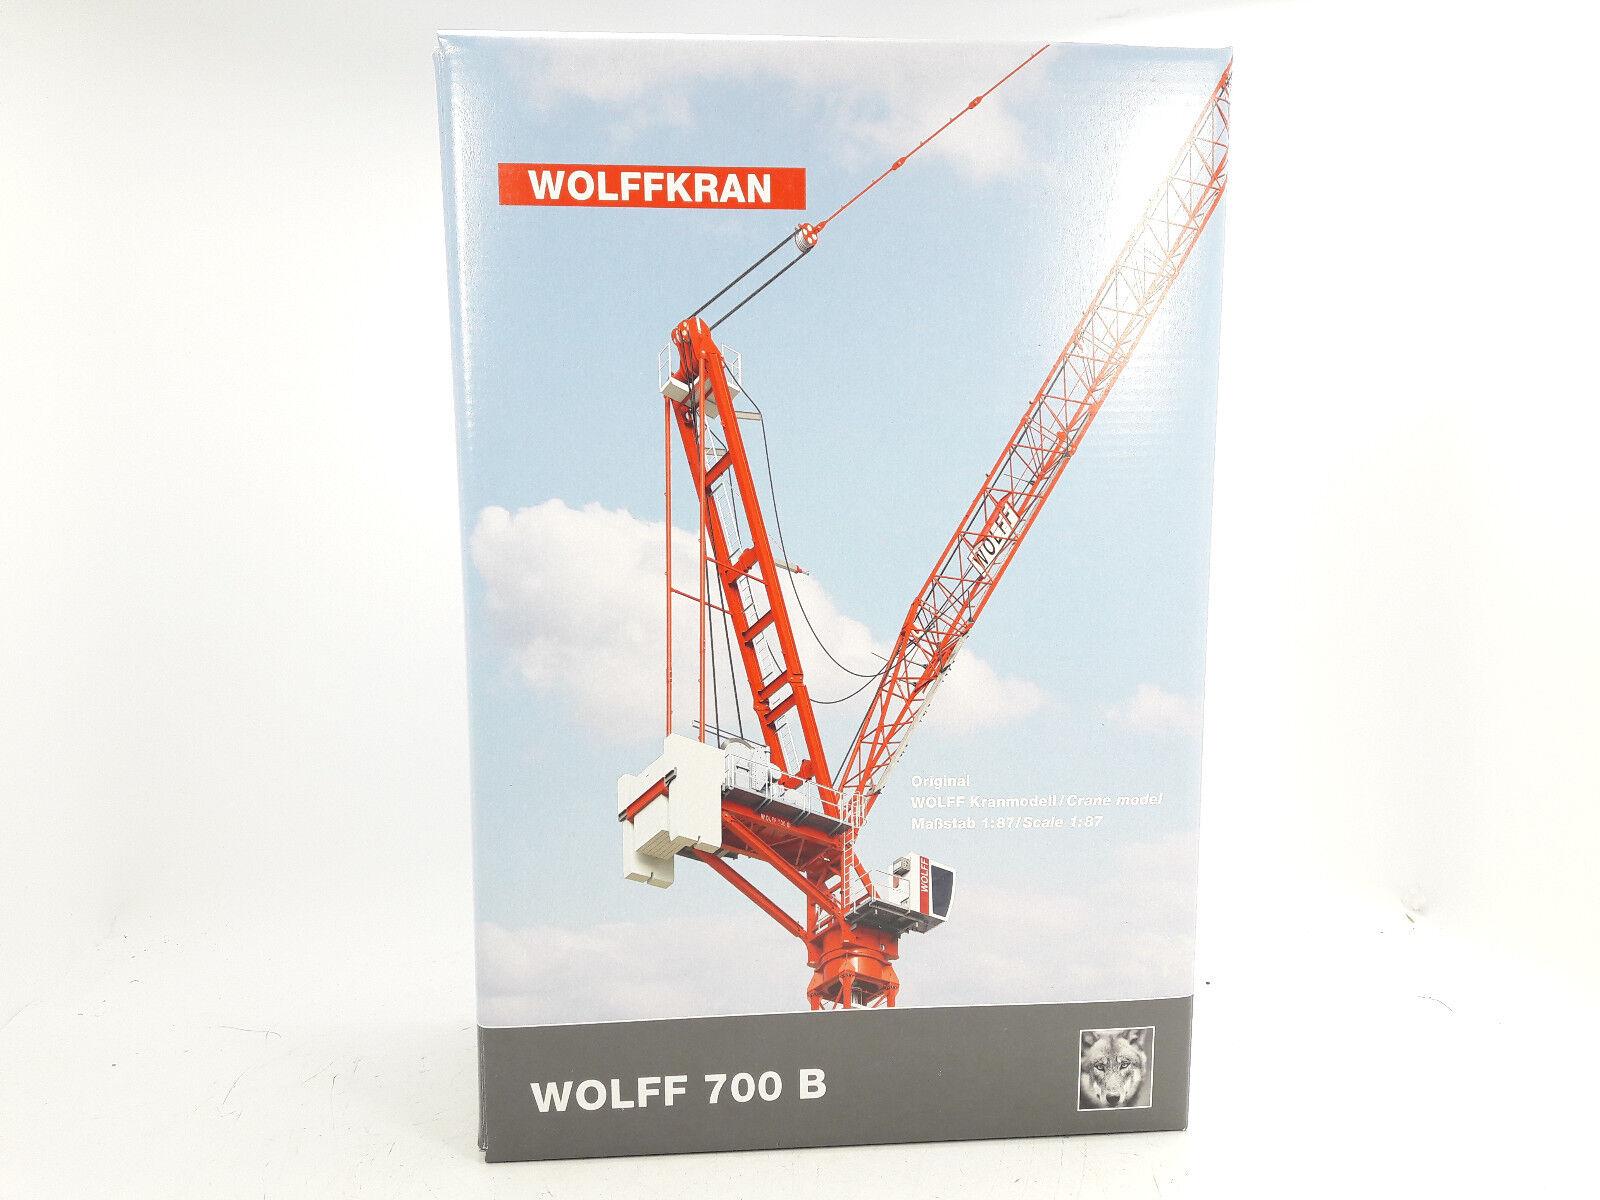 Conrad 2032 Wolff Wolffkran 7008  Wippkran 1 87 Neuf Emballage D'Origine  édition limitée chaude